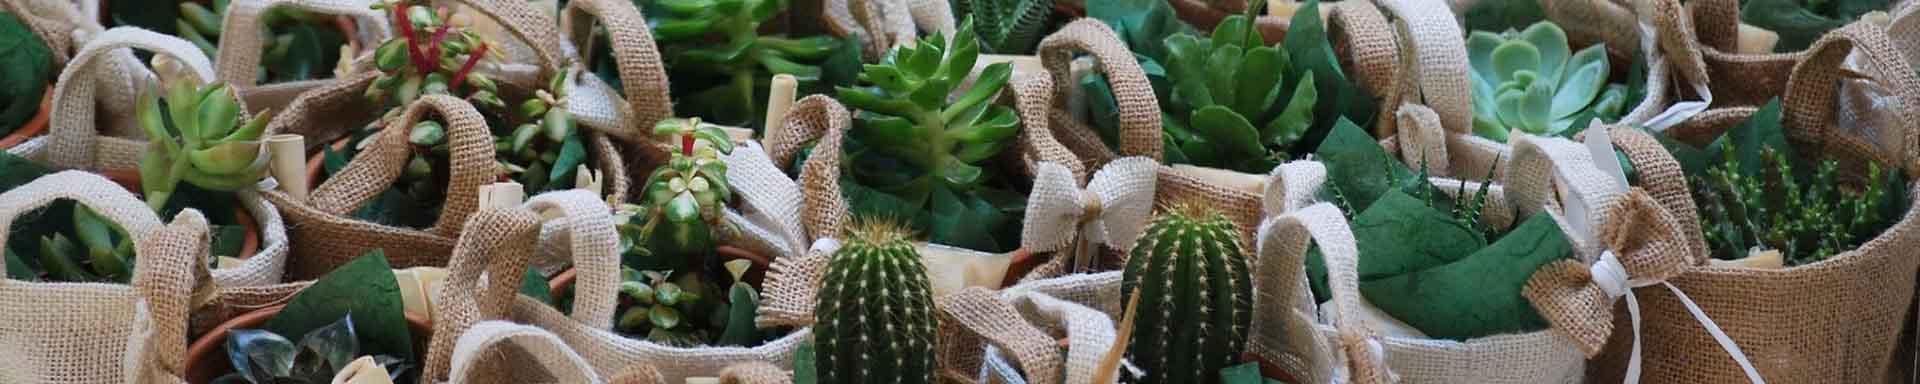 Piante ornamentali da giardino alberi da frutto vendita for Piante da frutta nane prezzi